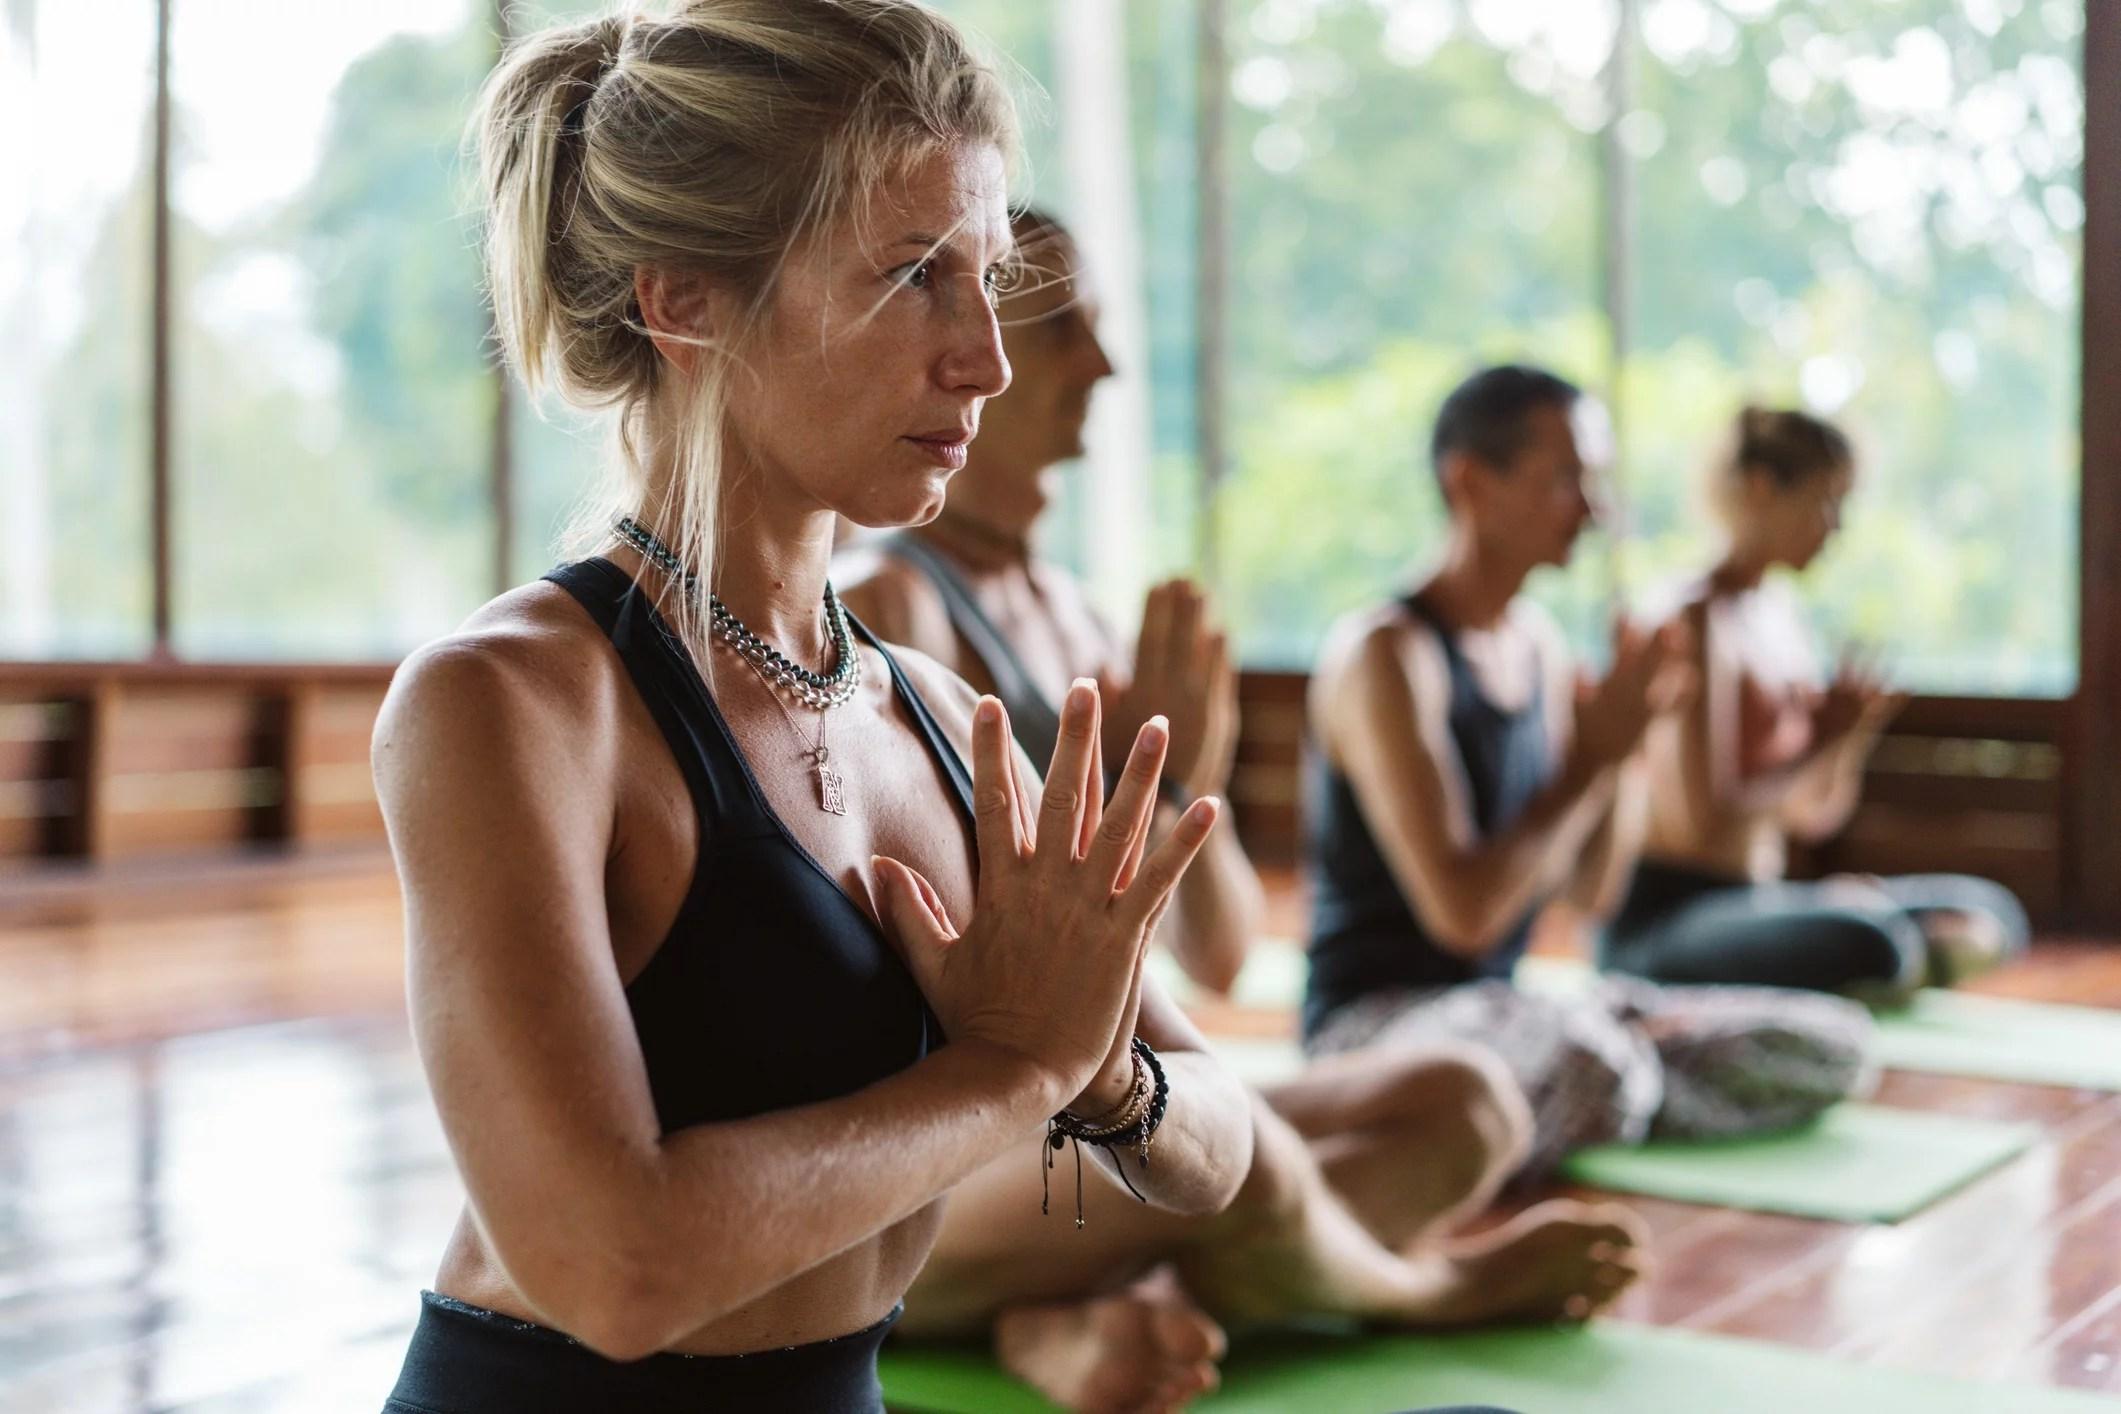 Femme faisant du yoga en groupe. Séjour nature & Joy proposé par Le Goût des Cerises.